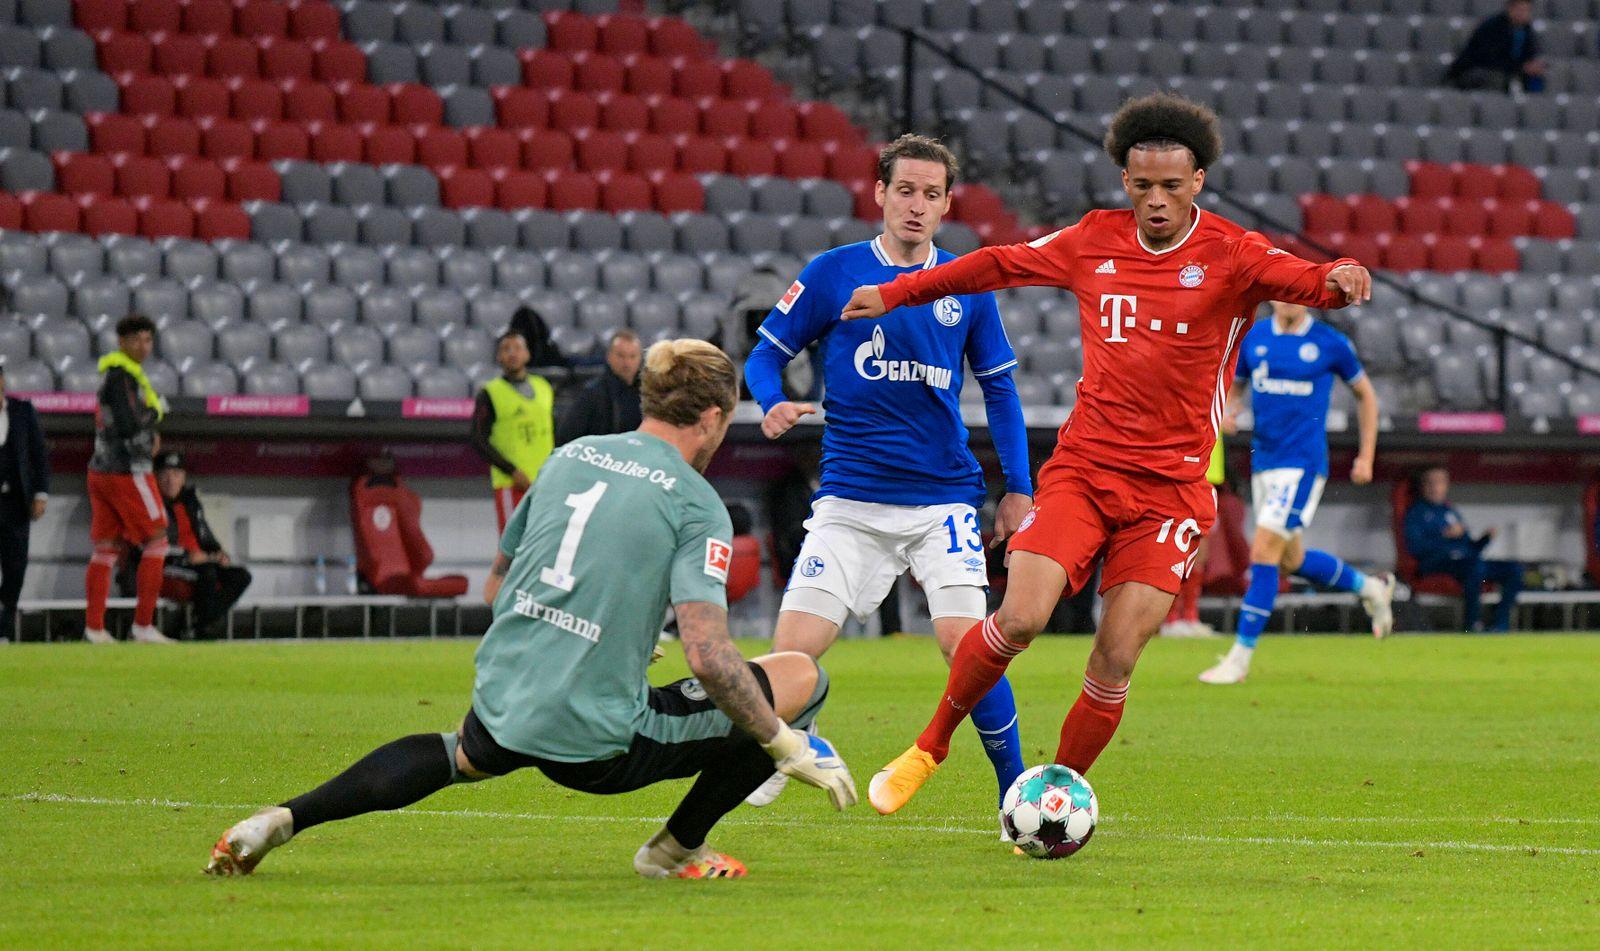 18.09.2020, Fussball 1. Bundesliga 2020/2021, 01. Spieltag, FC Bayern München - FC Schalke 04, in der Allianz-Arena Mün